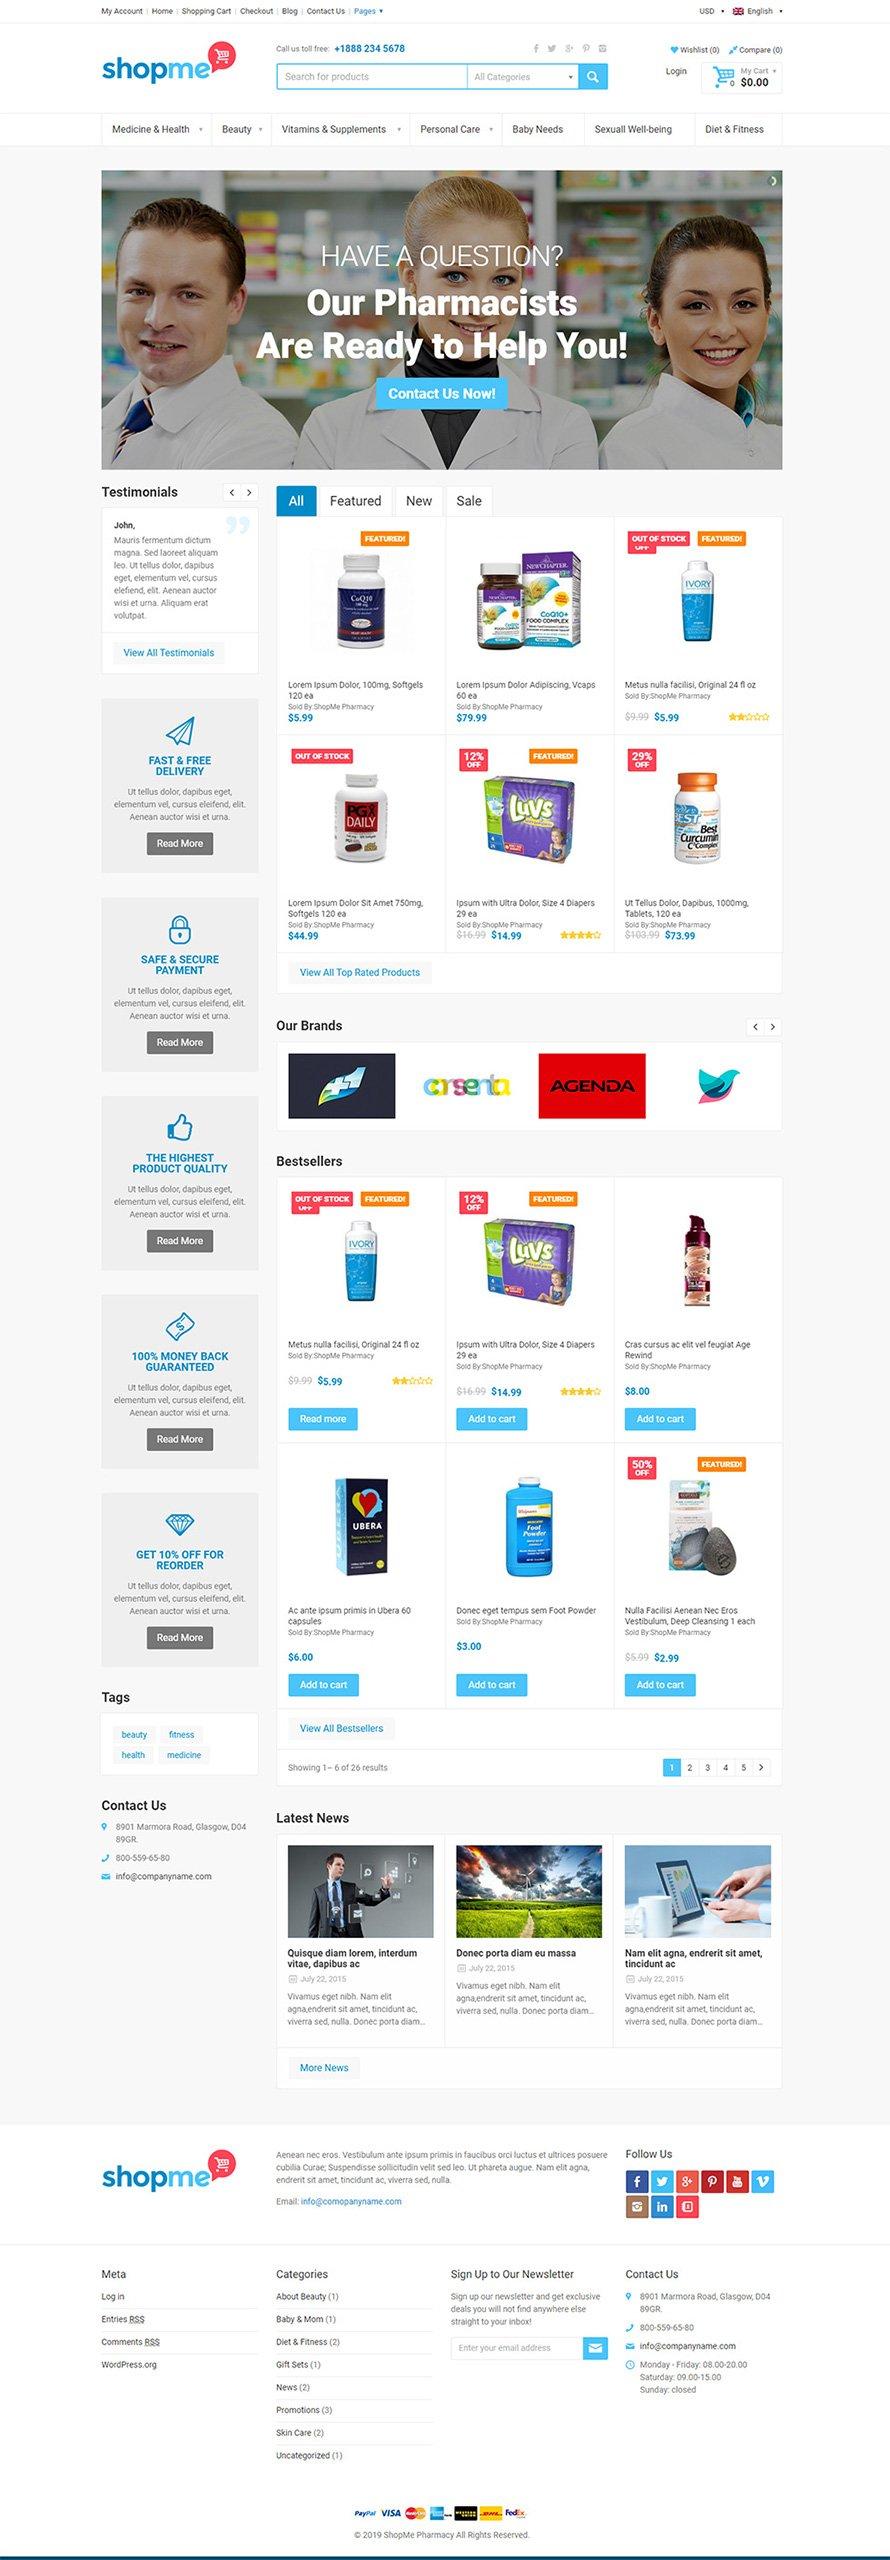 تصميم متجر إلكتروني - يتناسب مع أي نوع من المتاجر